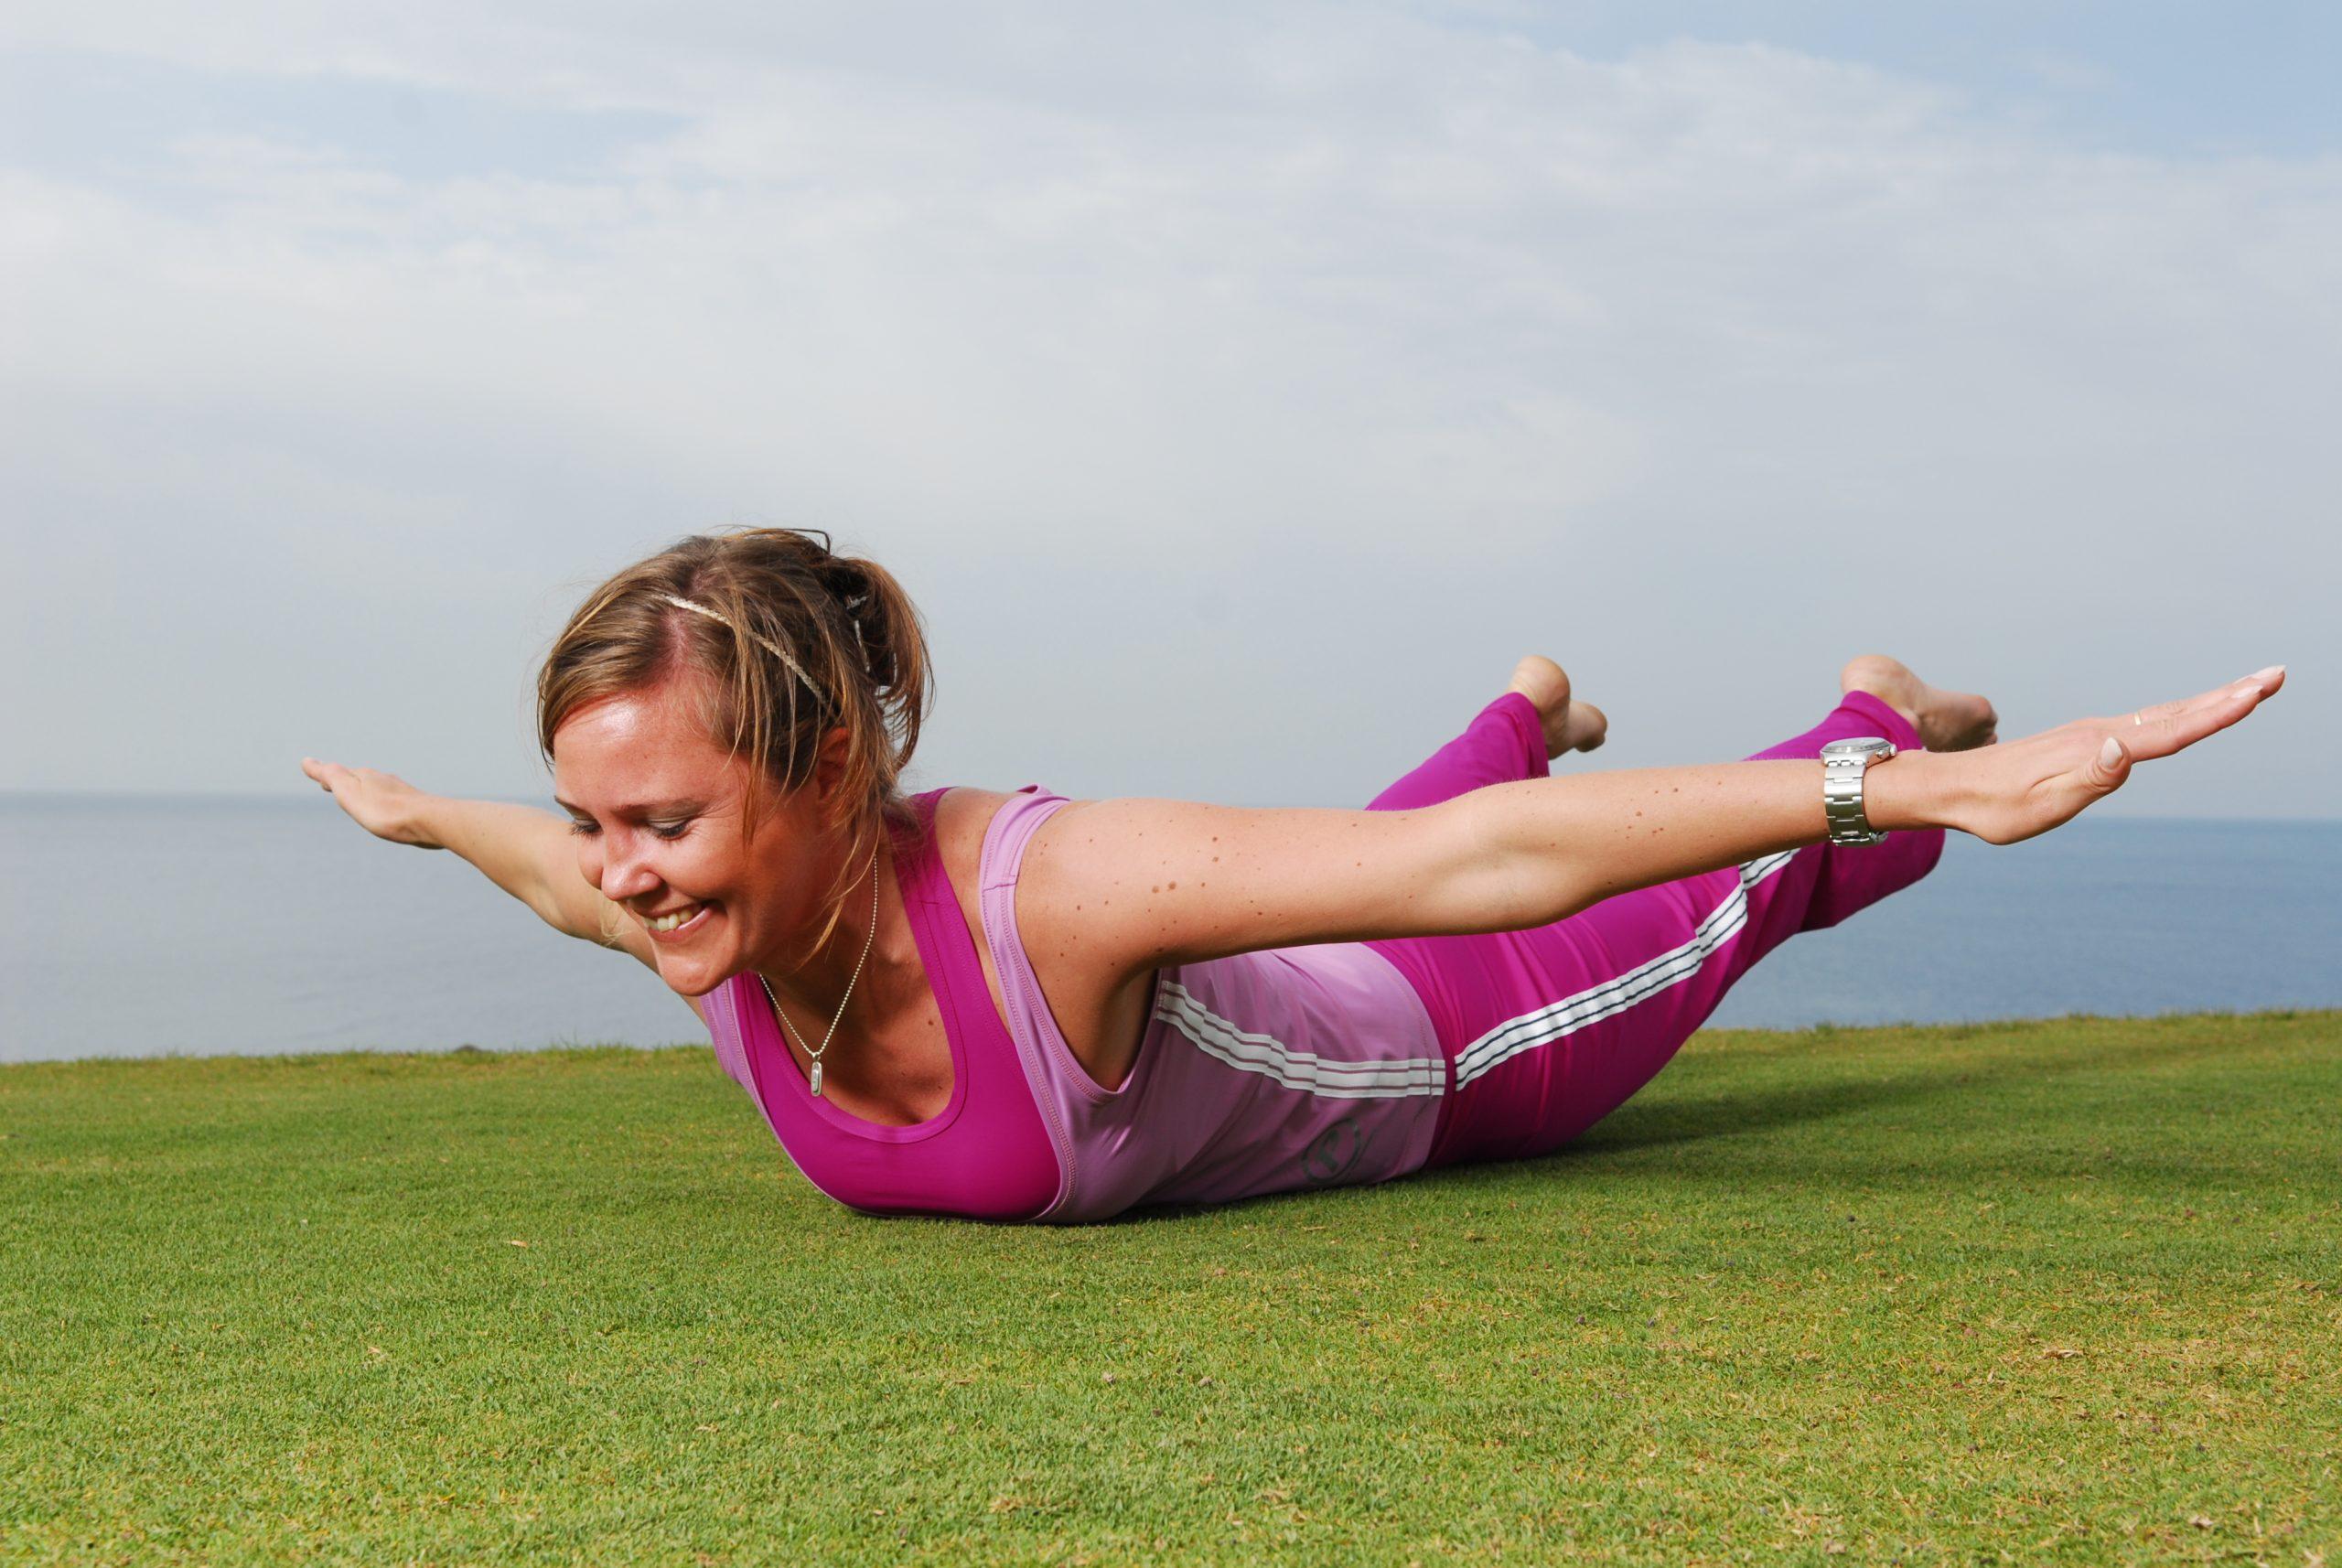 6 bra övningar för styrka och balans